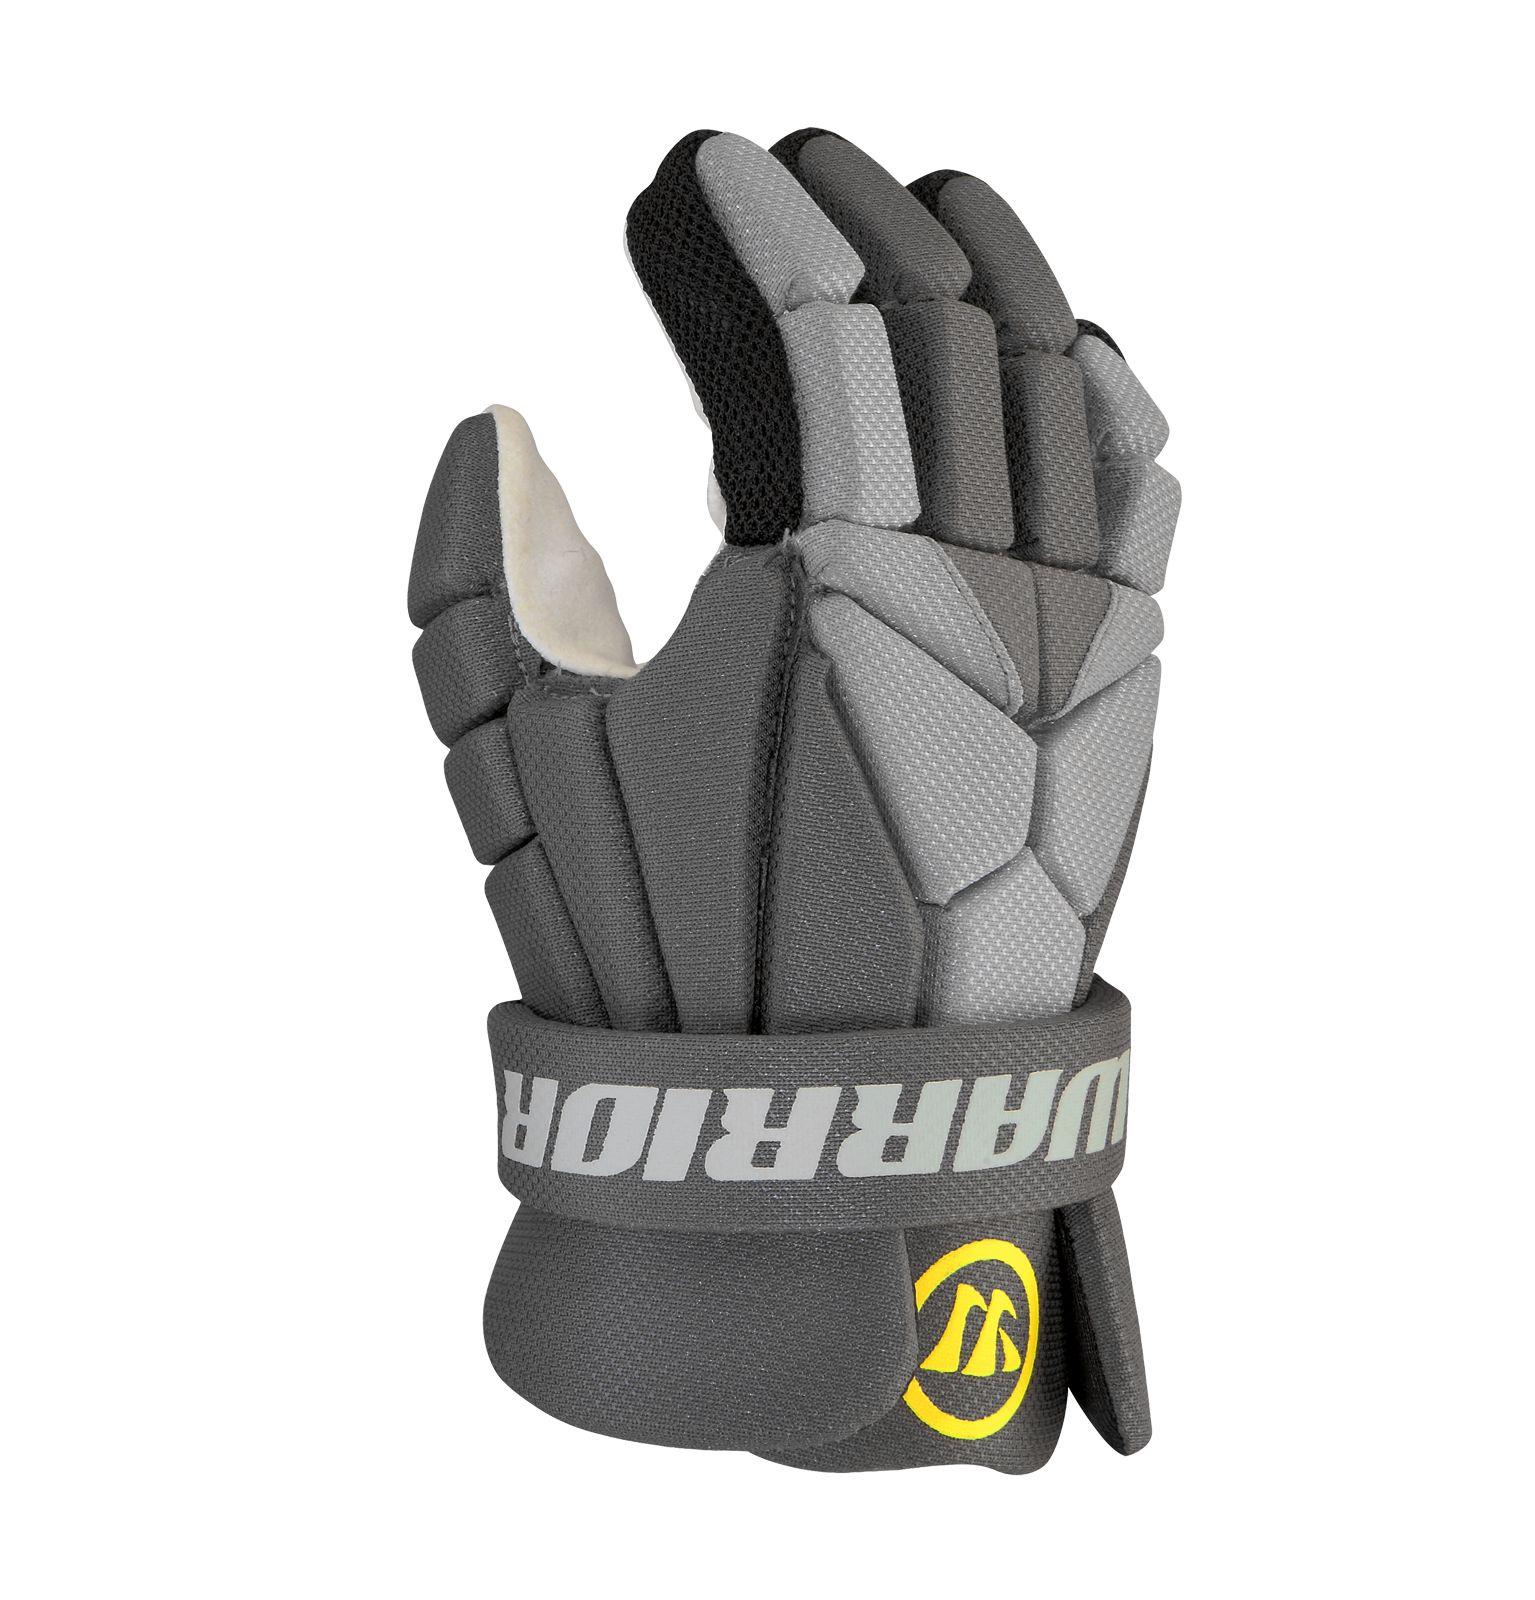 Warrior FatBoy Next Glove